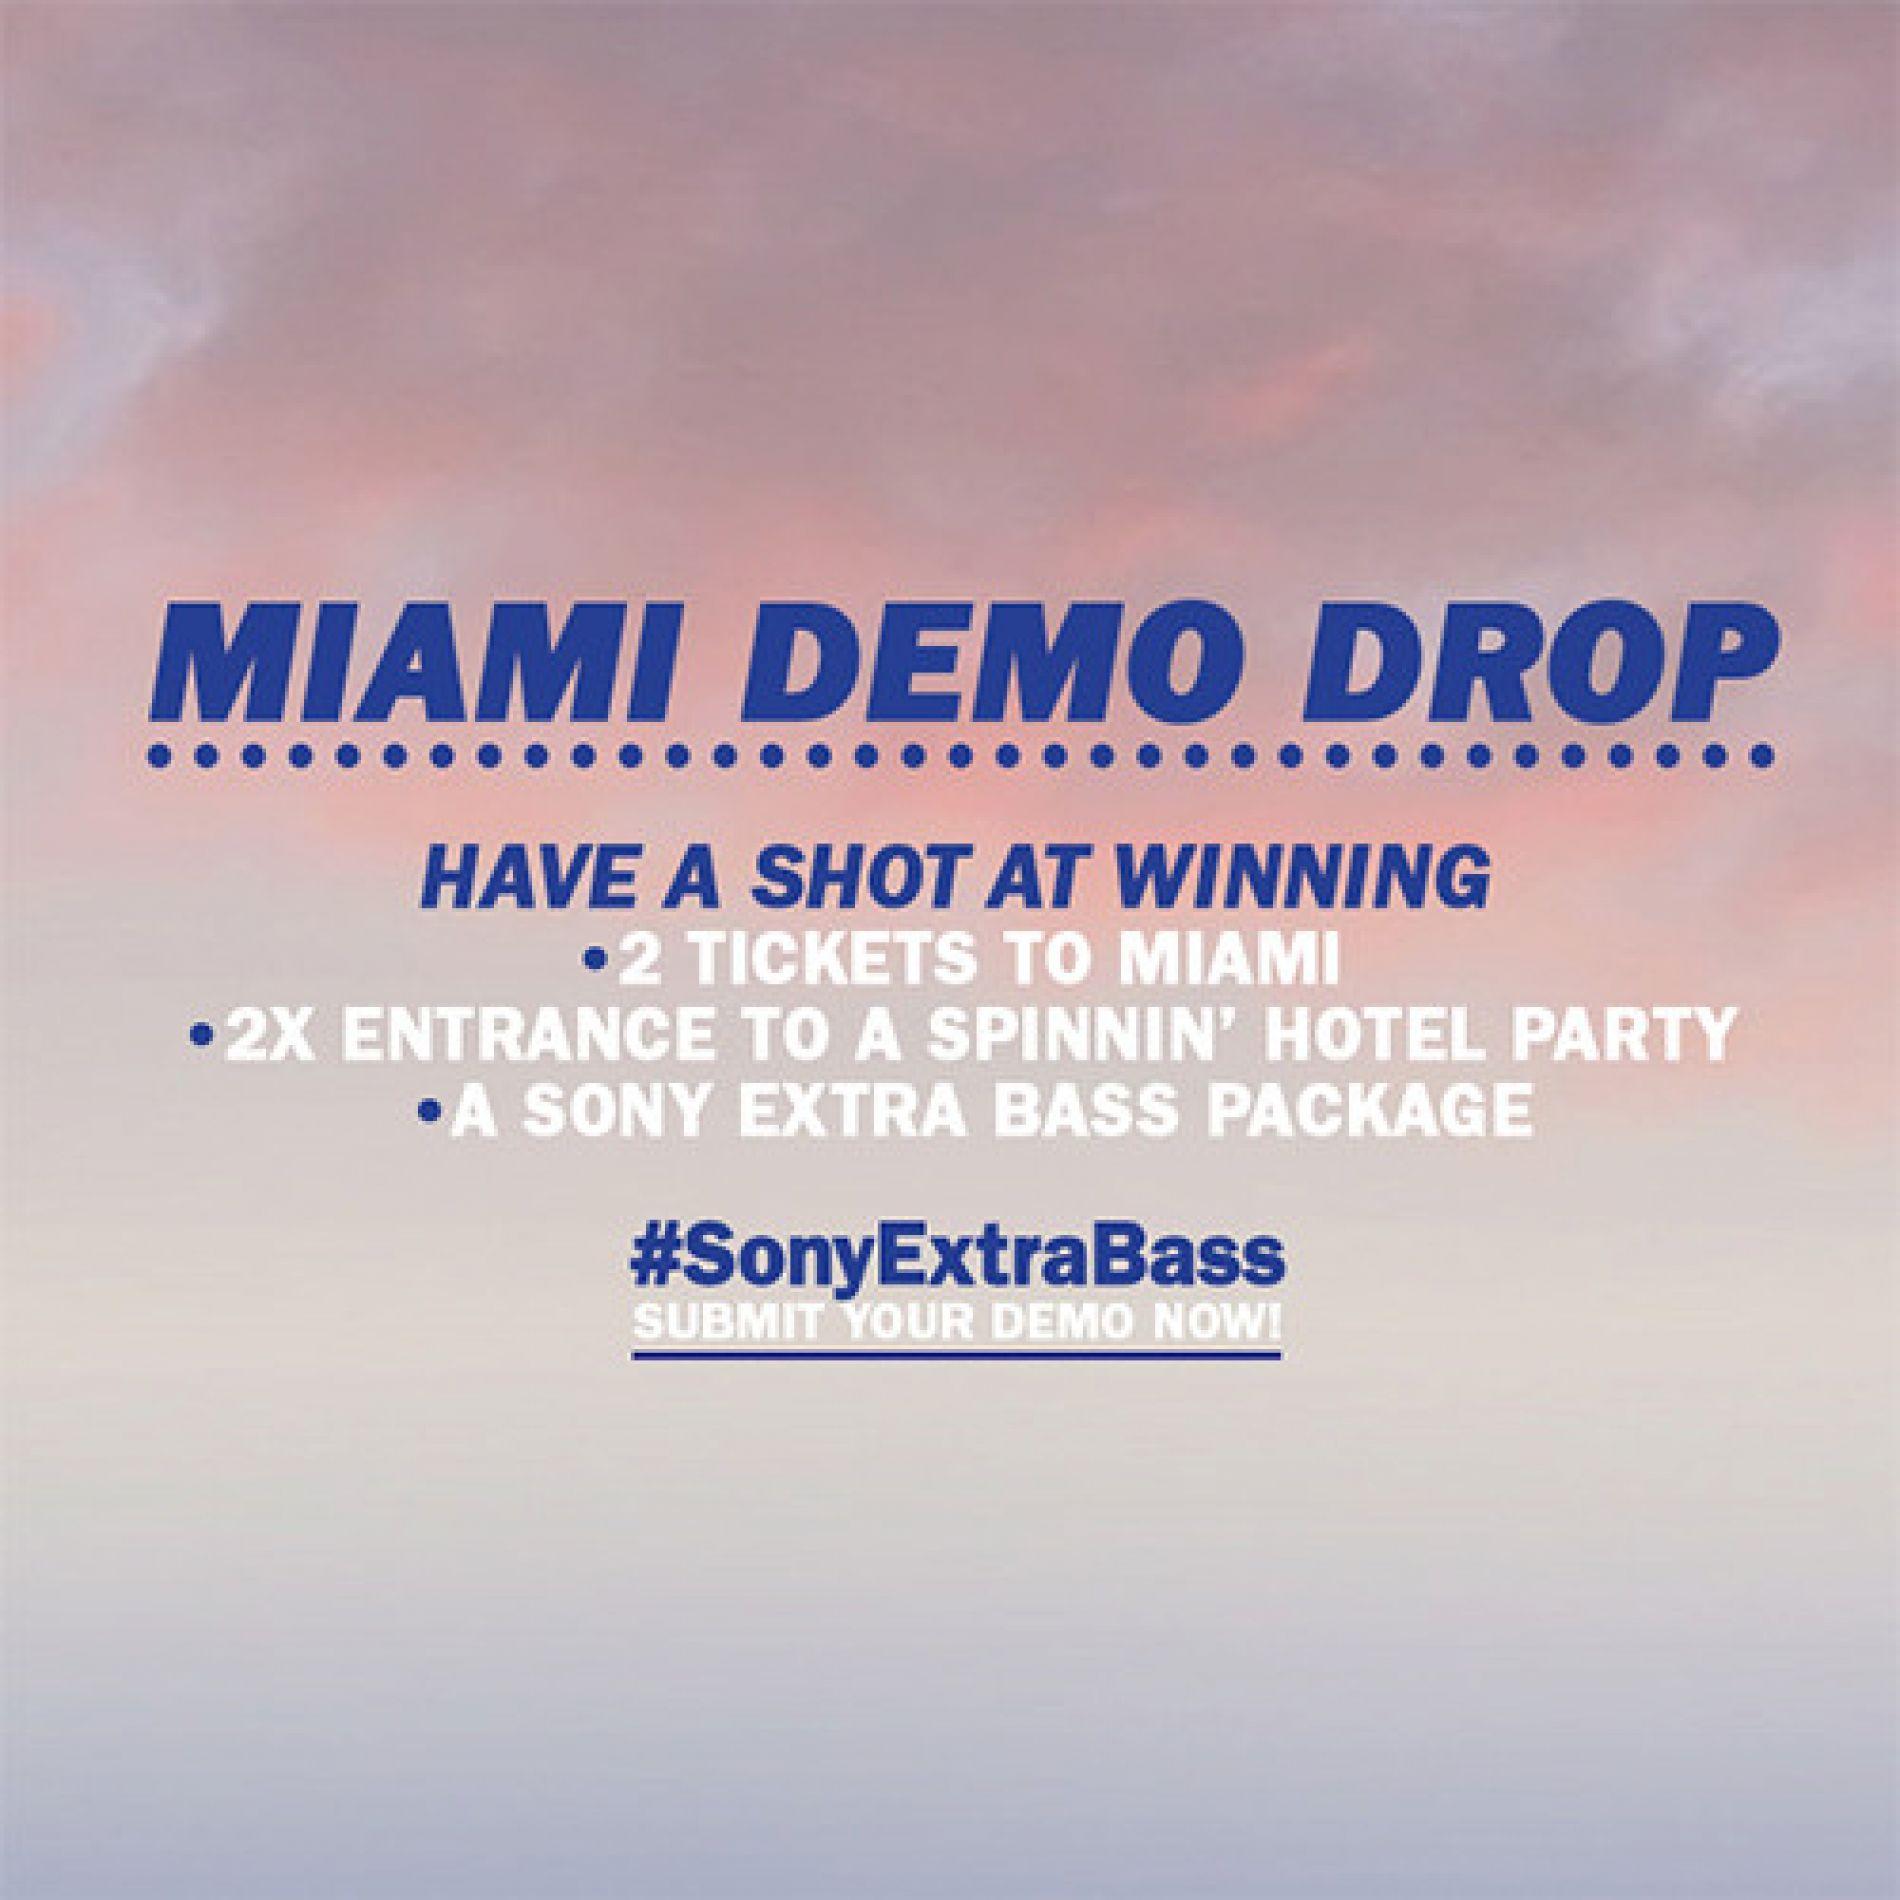 Miami Demo Drop | Contest | Spinnin' Records